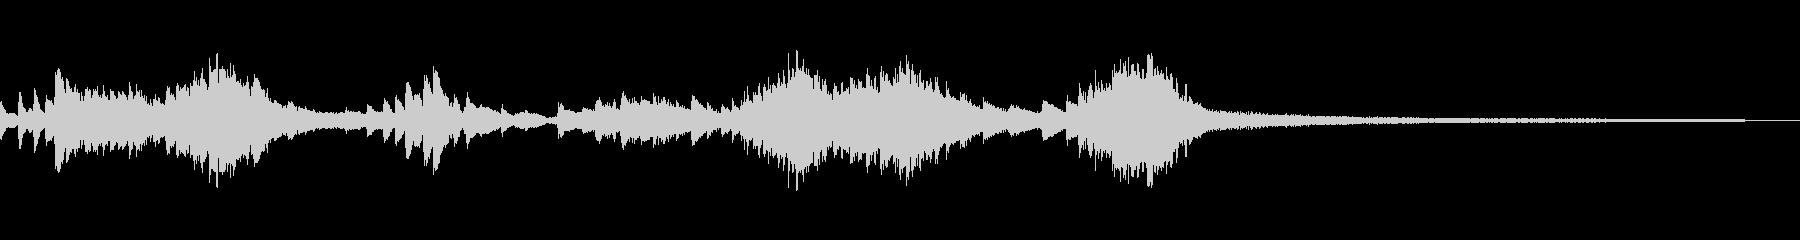 和風のジングル4b-タックピアノの未再生の波形